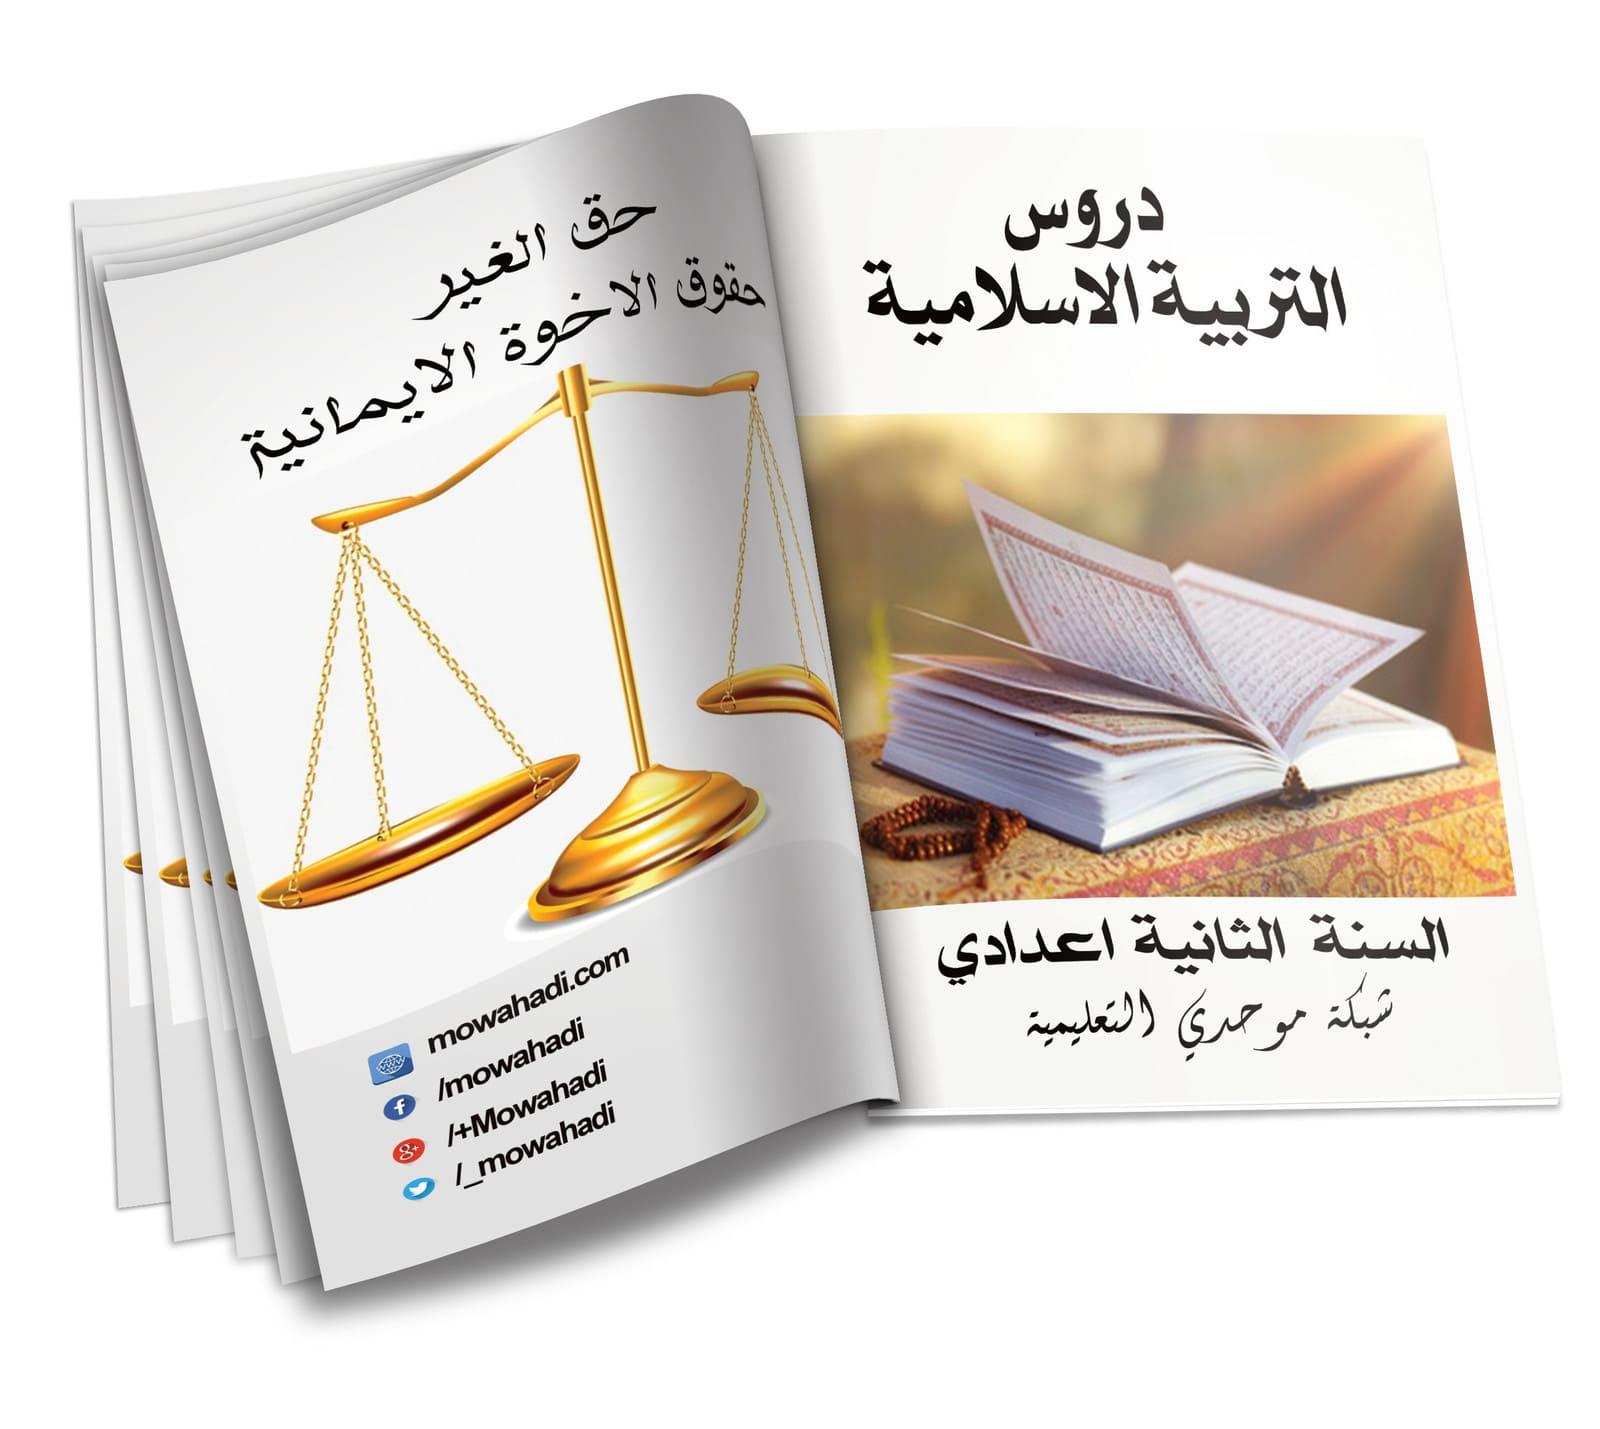 حق الغير: حقوق الأخوة الإيمانية